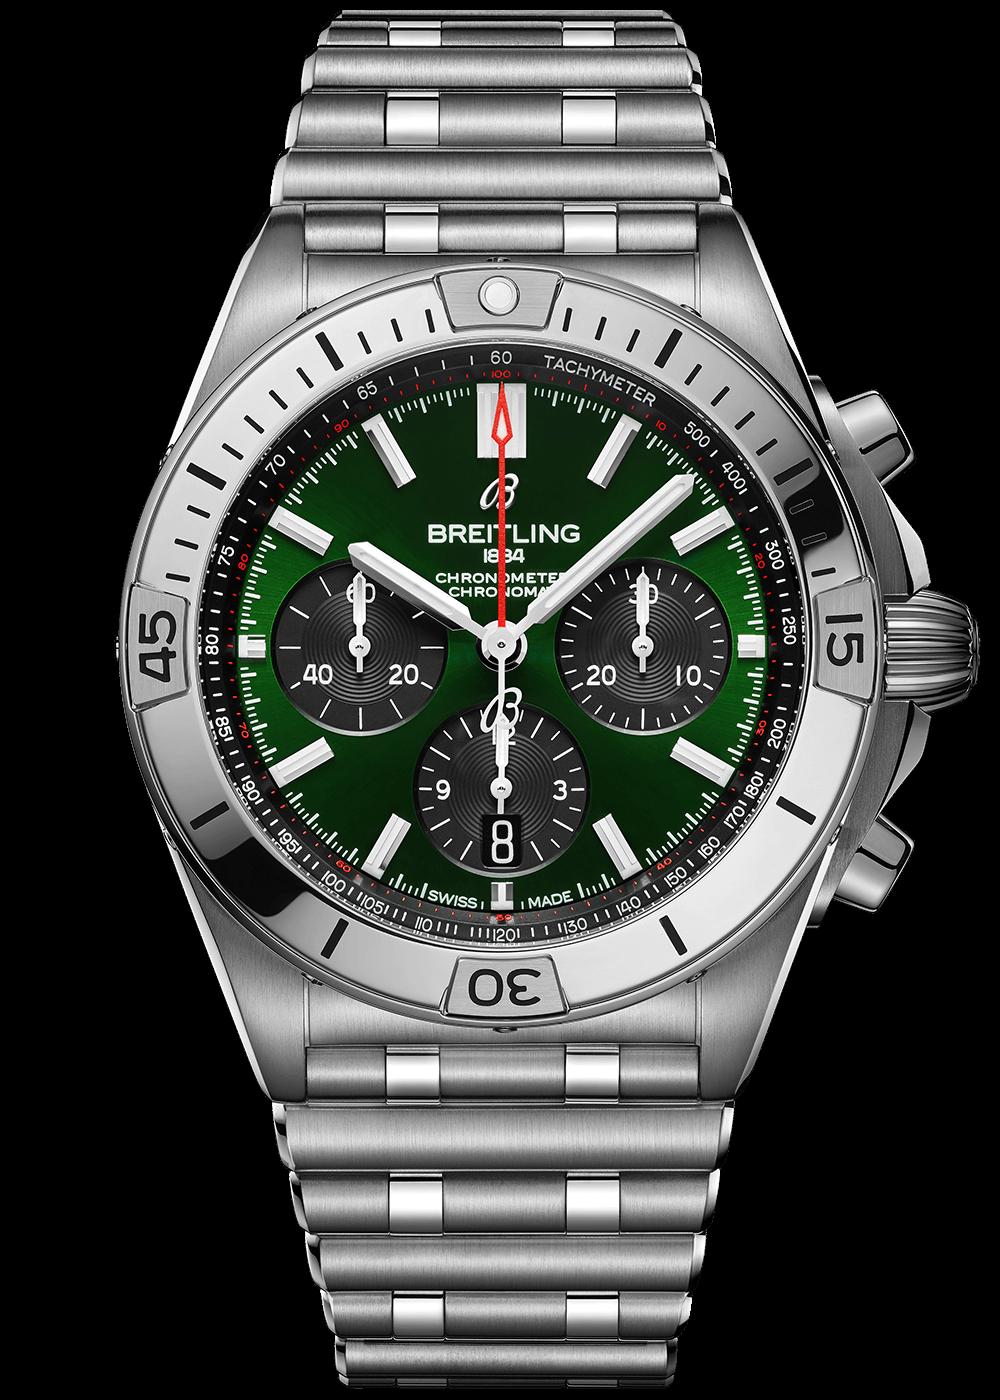 breitling-chronomat-b01-42-green